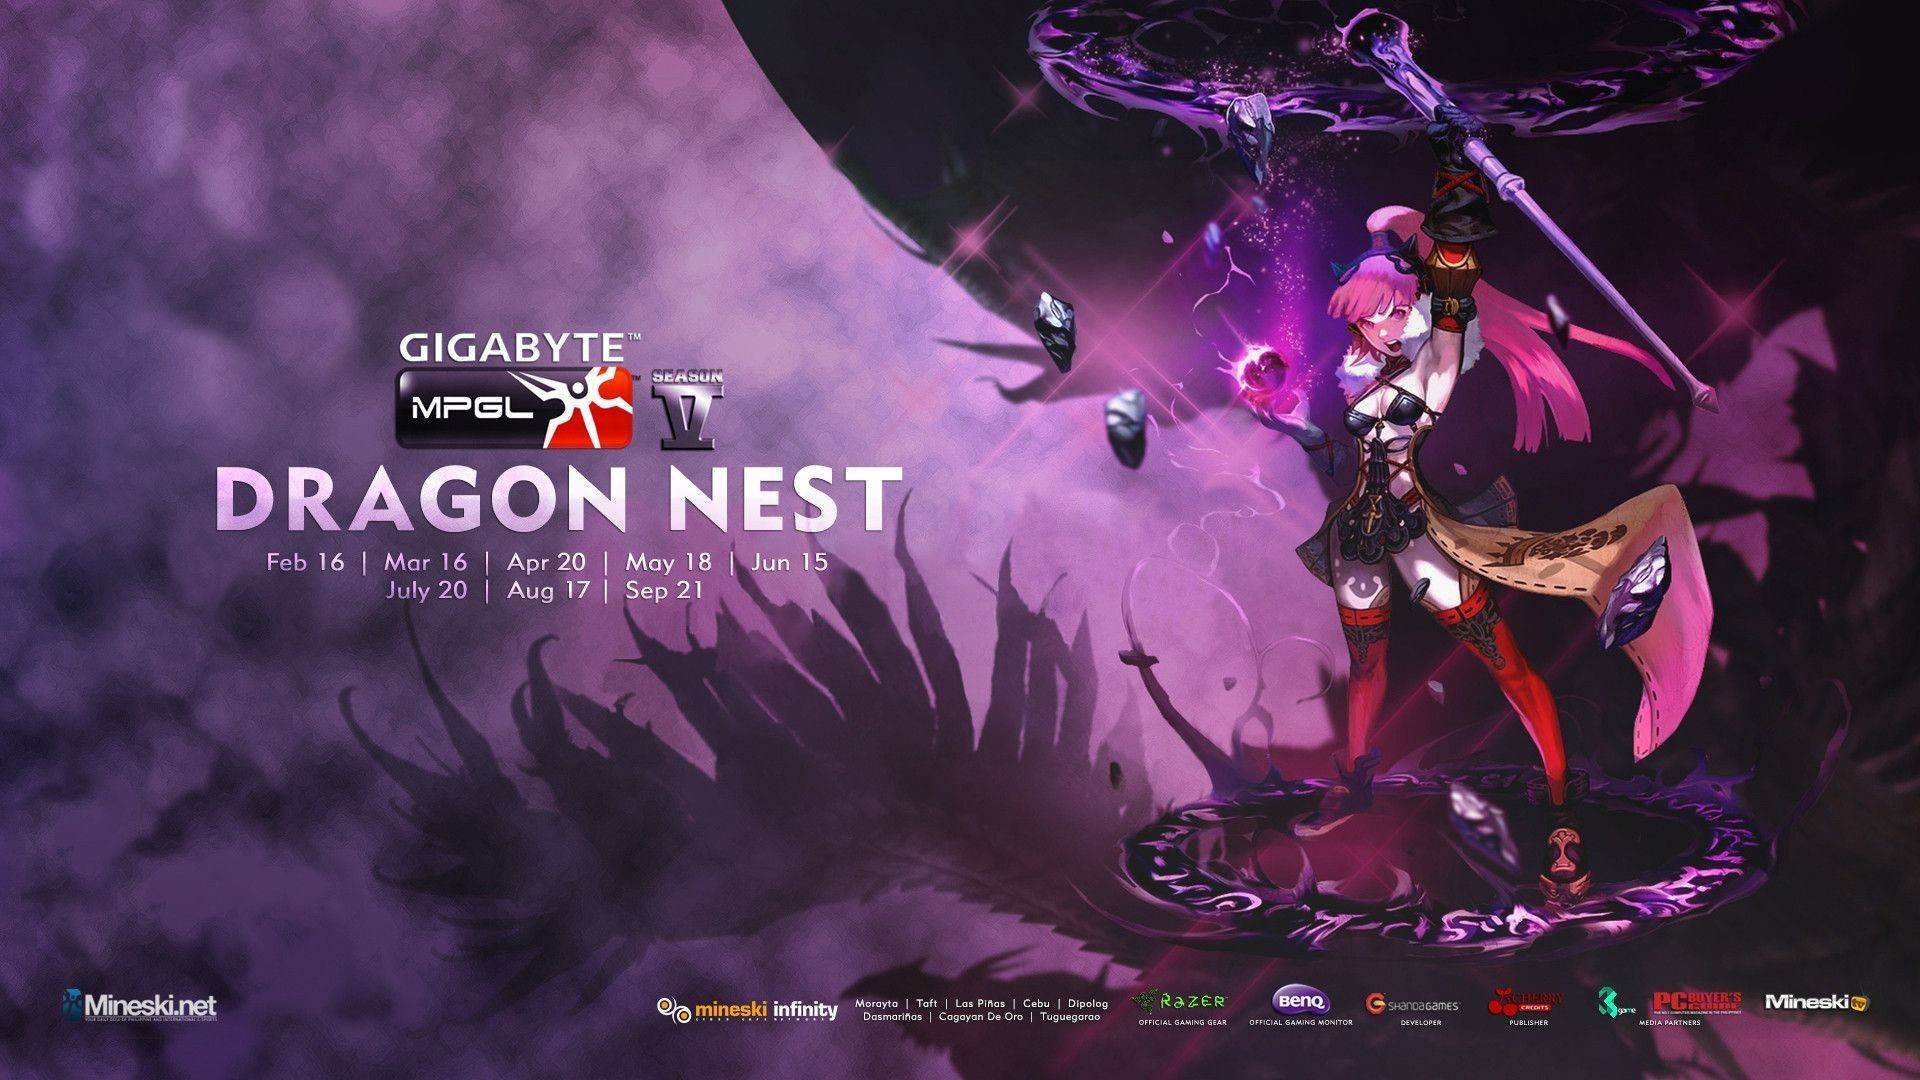 Dragon Nest Wallpaper | HD Wallpapers | Pinterest | Dragon nest, Wallpaper  and Dragons